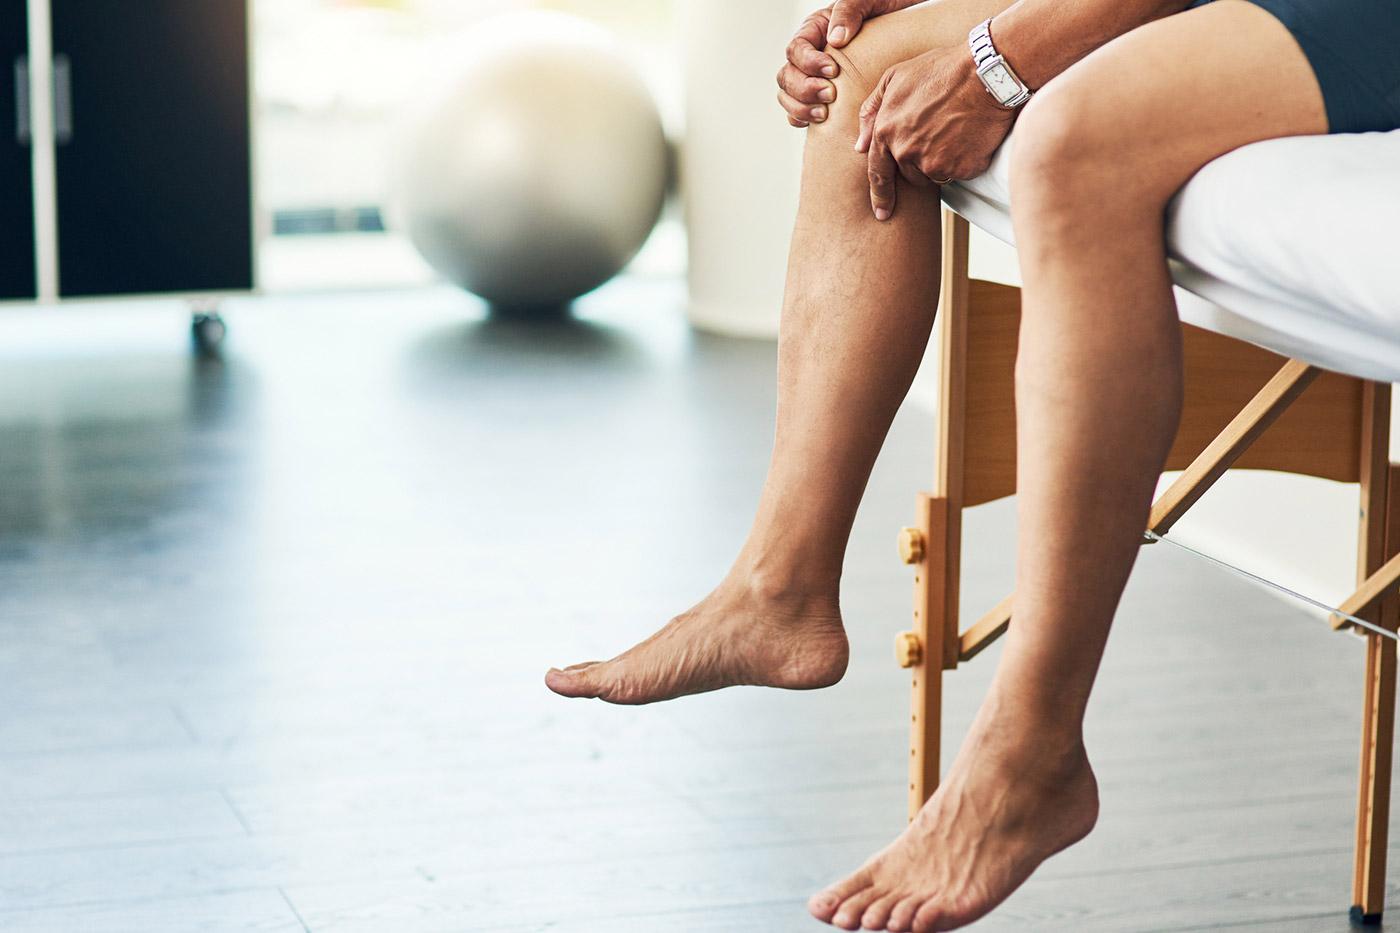 Lesão no joelho: como se proteger durante os treinos